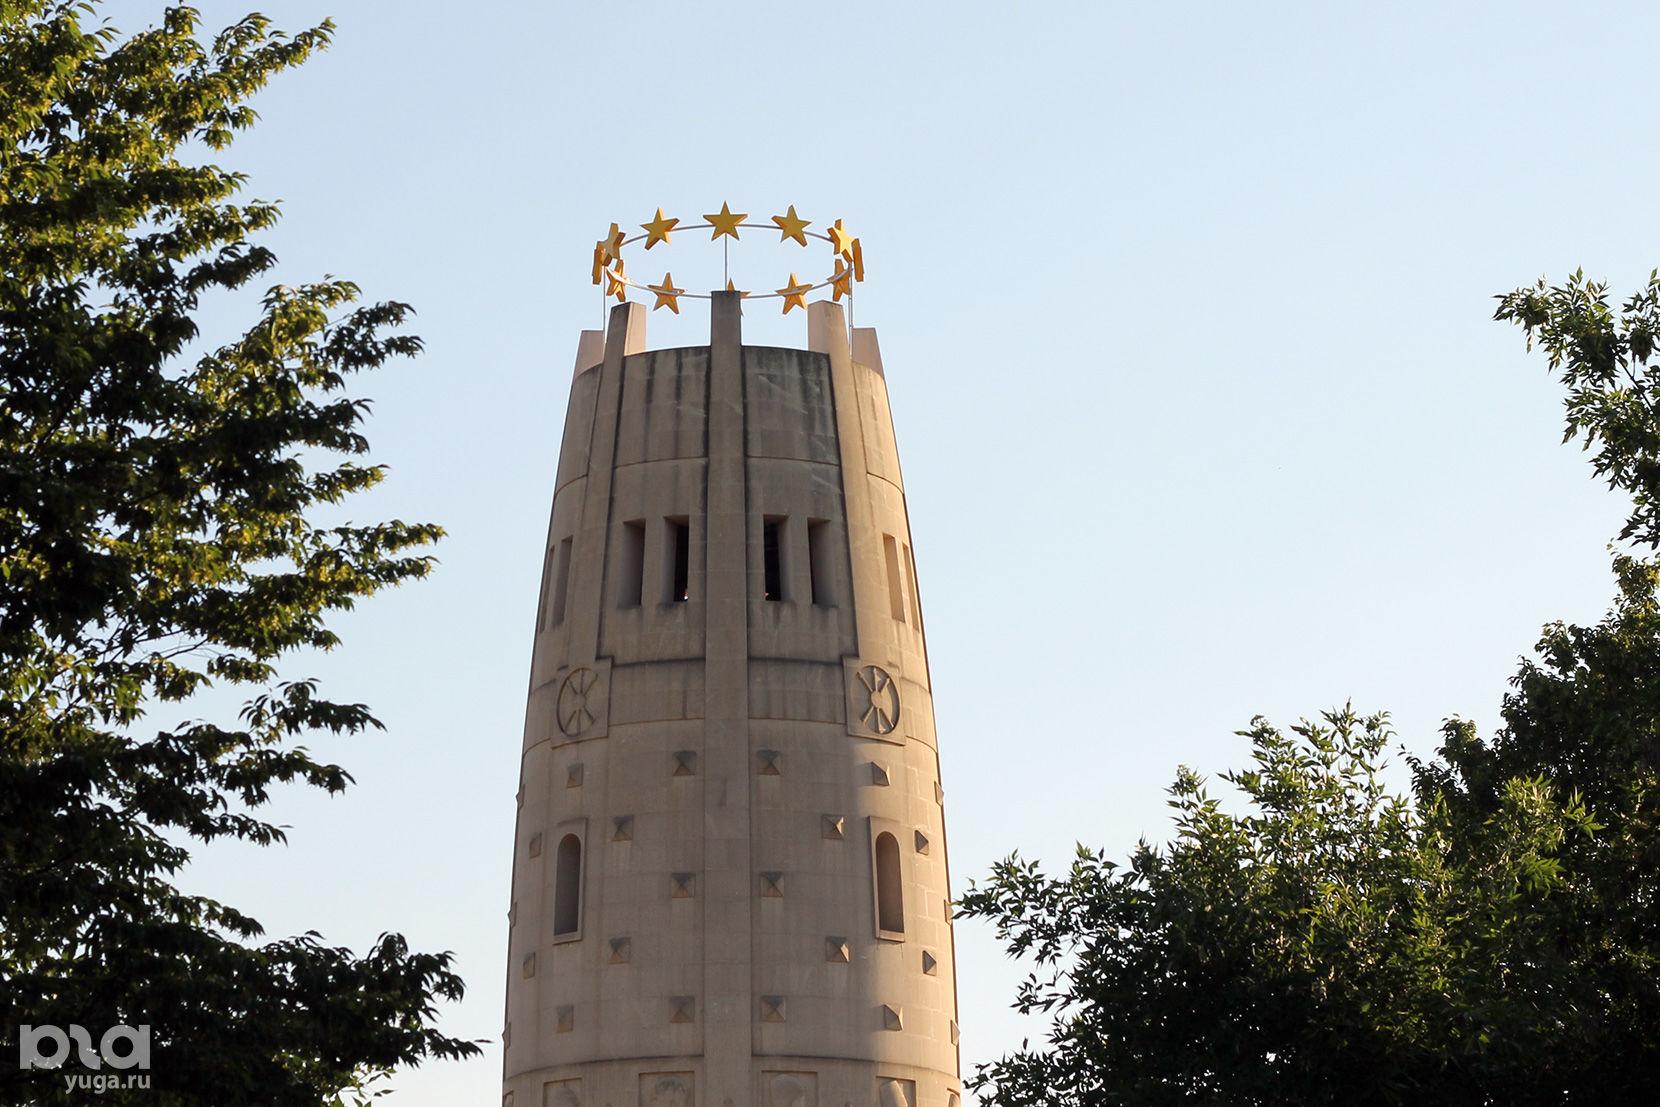 Монумент «Единение и Согласие» ©Фото Дмитрия Пославского, Юга.ру